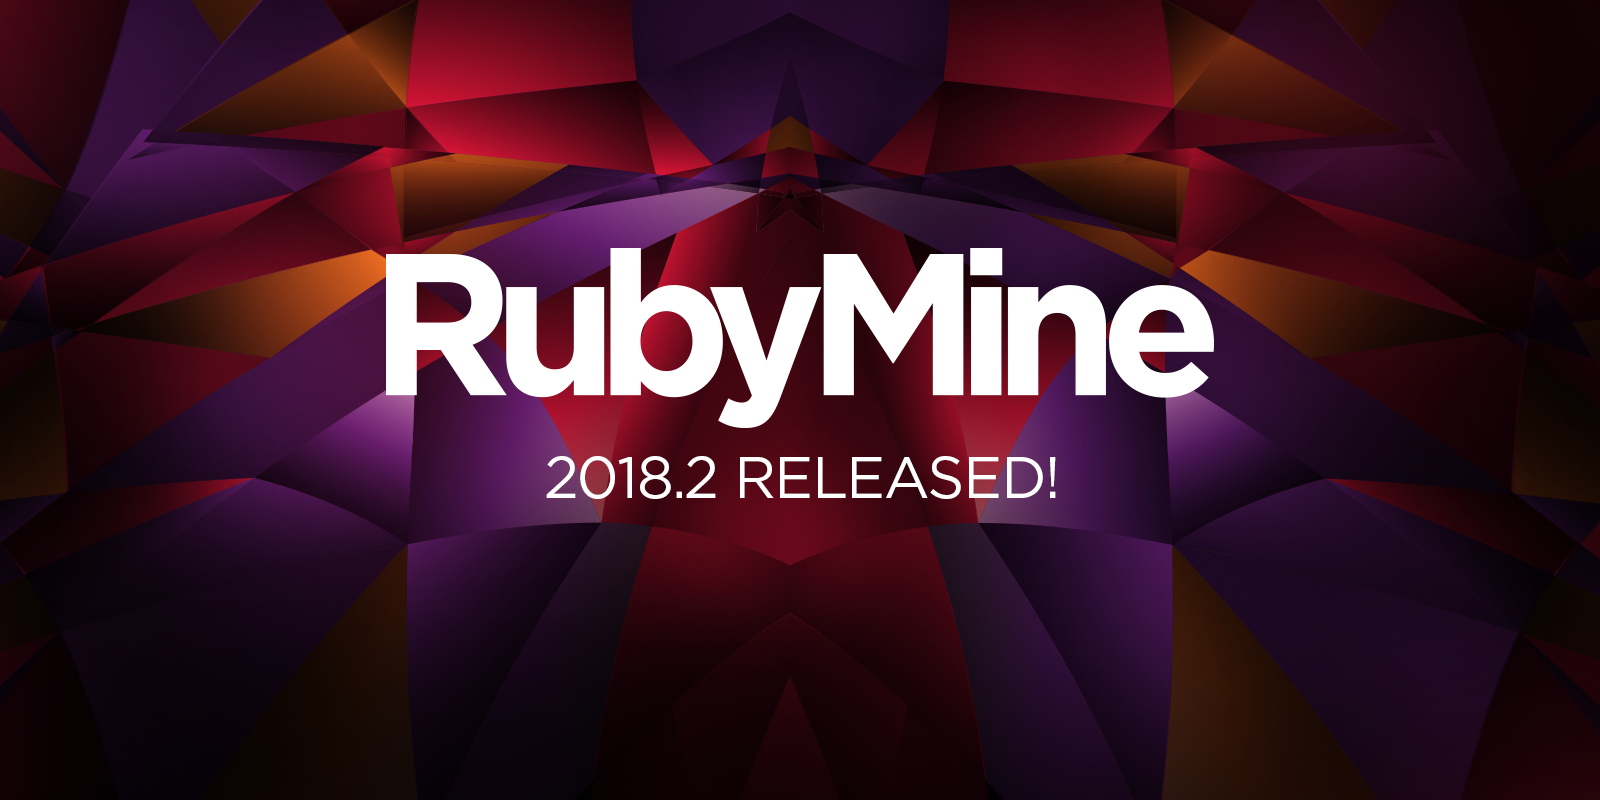 RubyMine 2018.2: присоединение отладчика к удаленным процессам, chruby, улучшенный анализ кода и многое другое